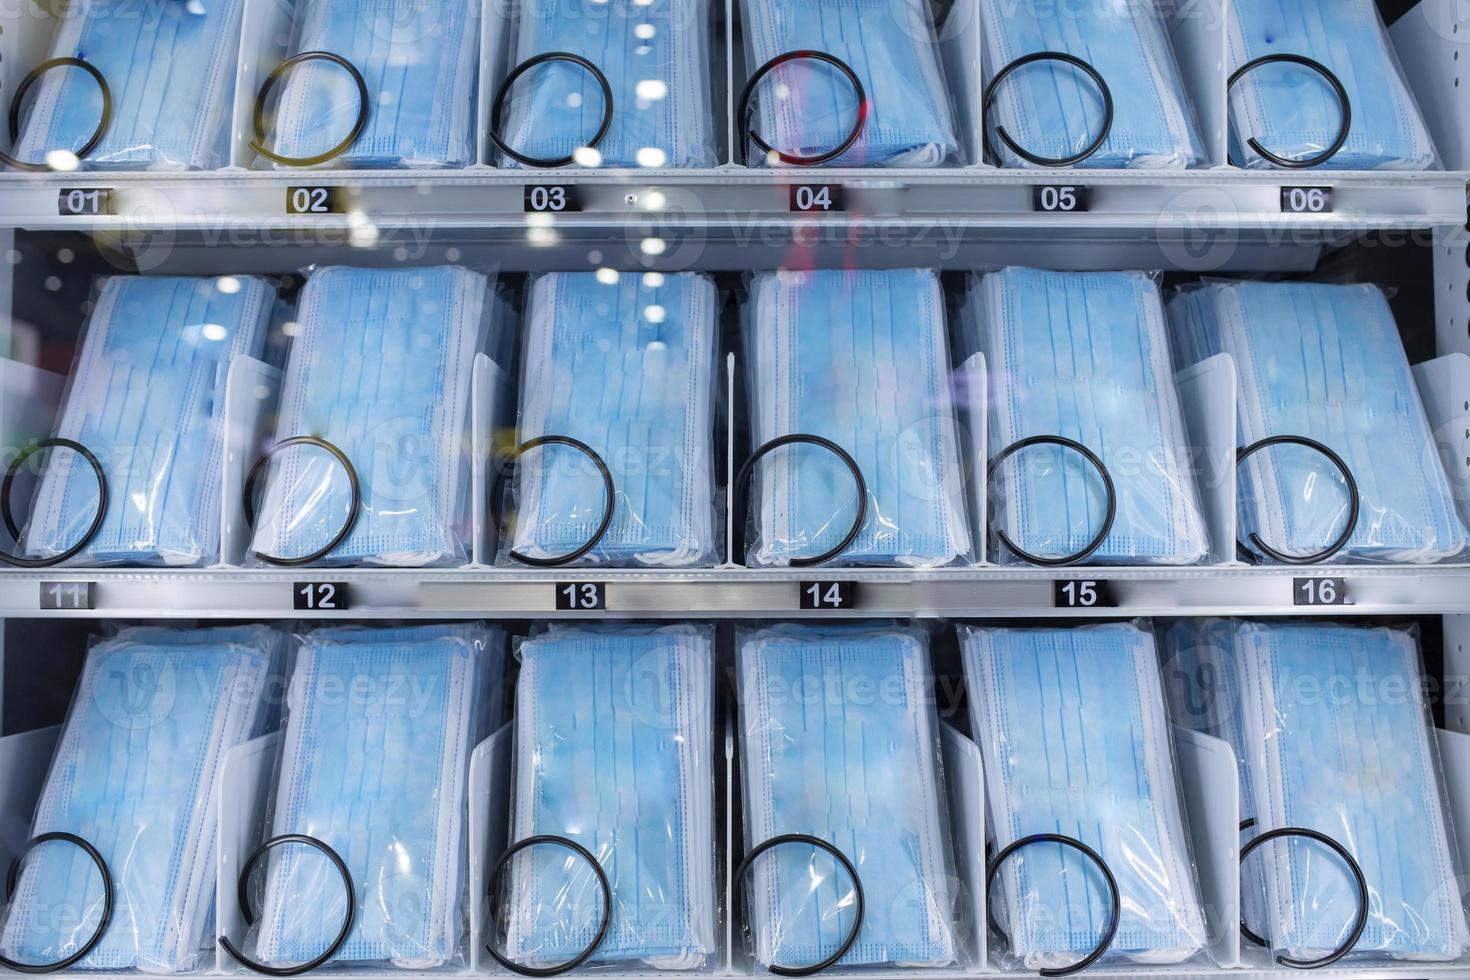 ansiktsmasker i en myntdriven dispenser foto